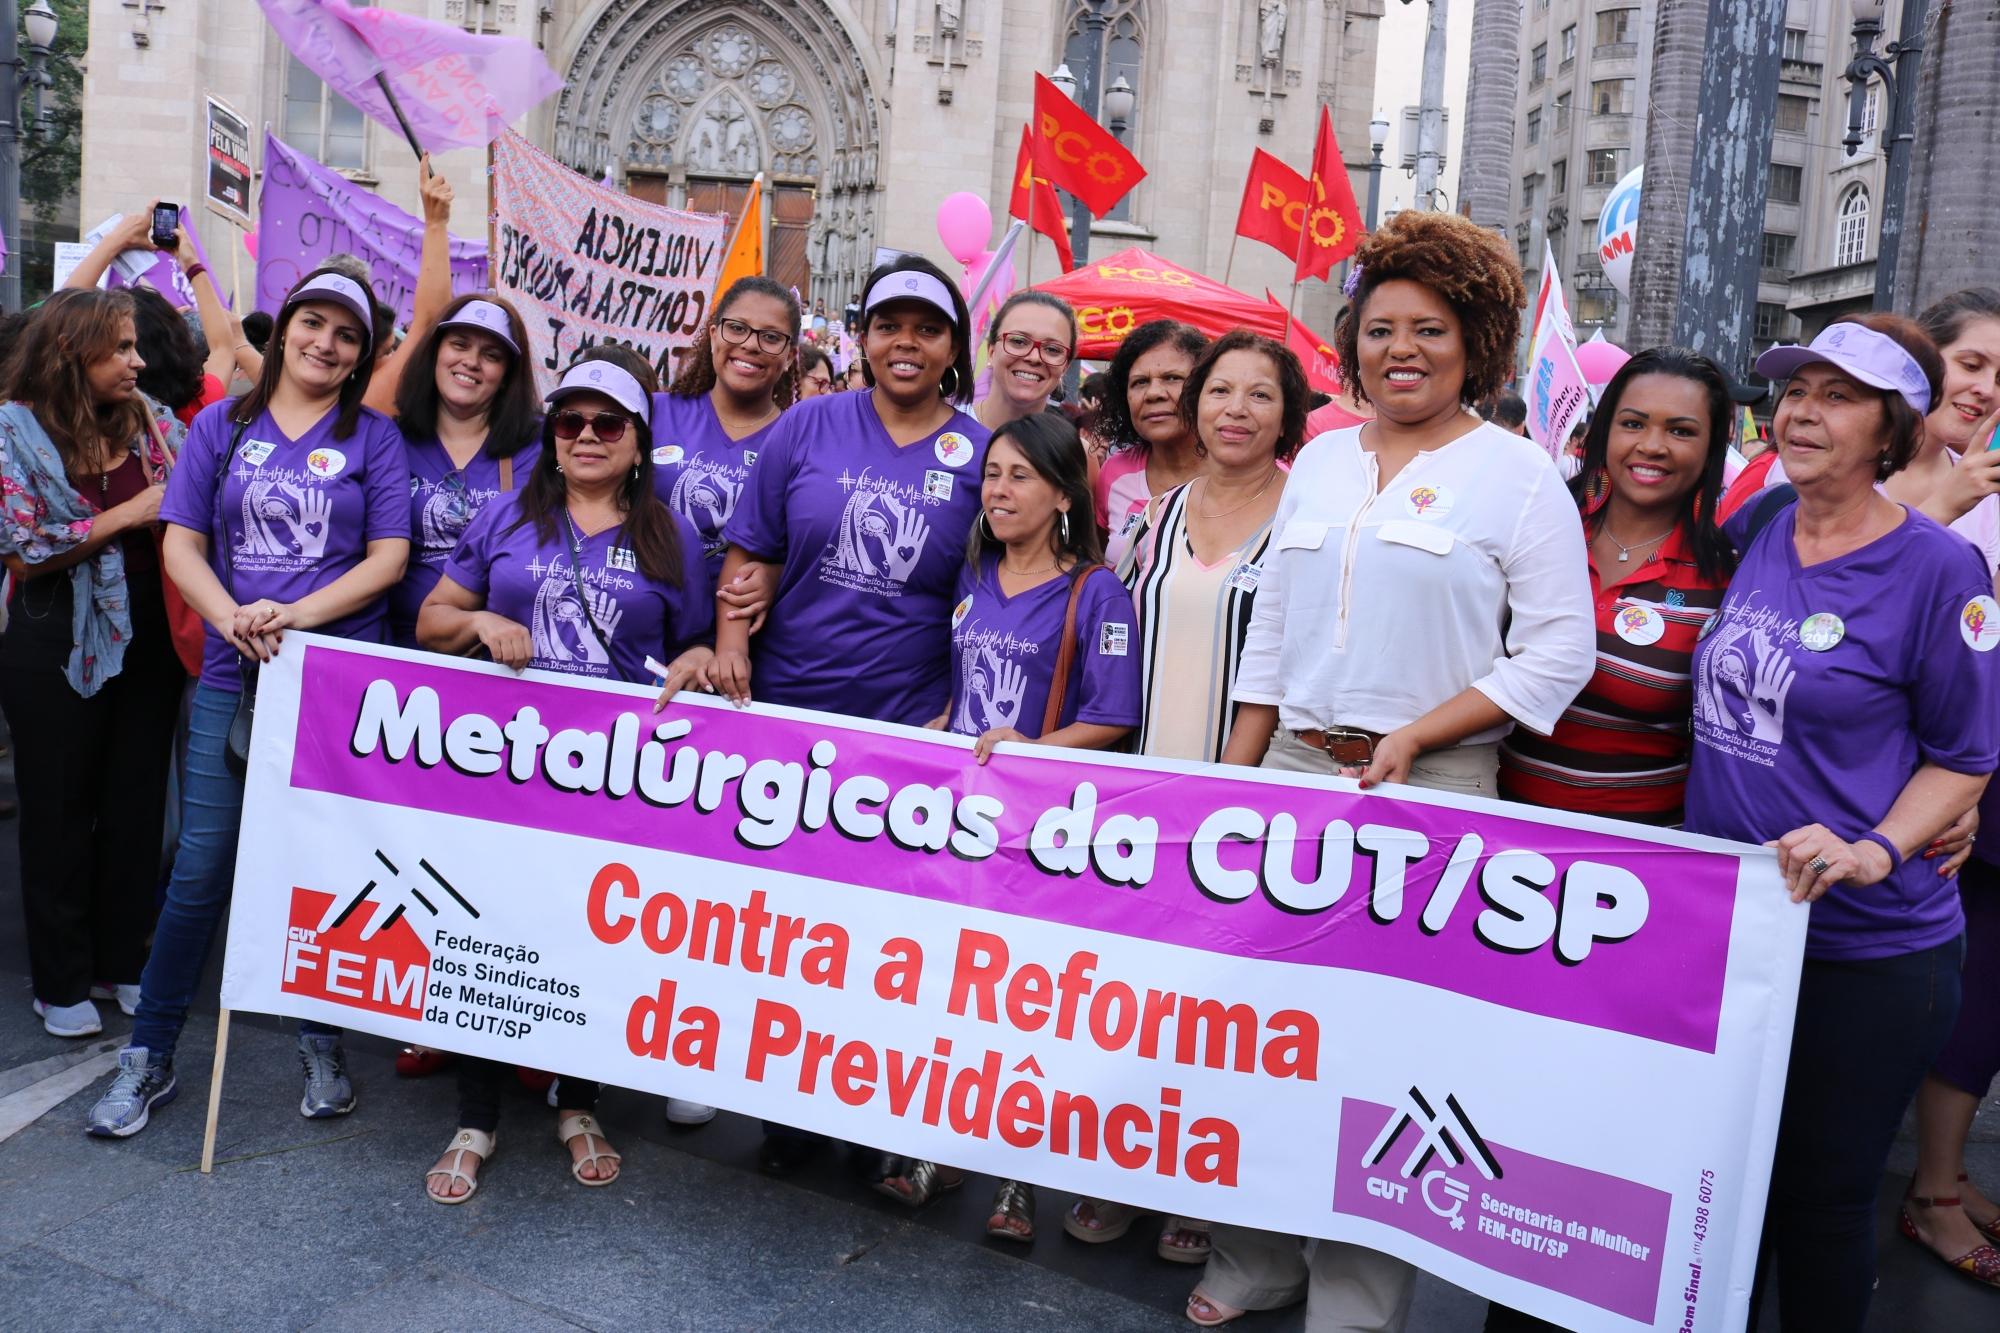 8 de Março: Pela vida das mulheres, democracia e soberania! Temer sai e aposentadoria fica!